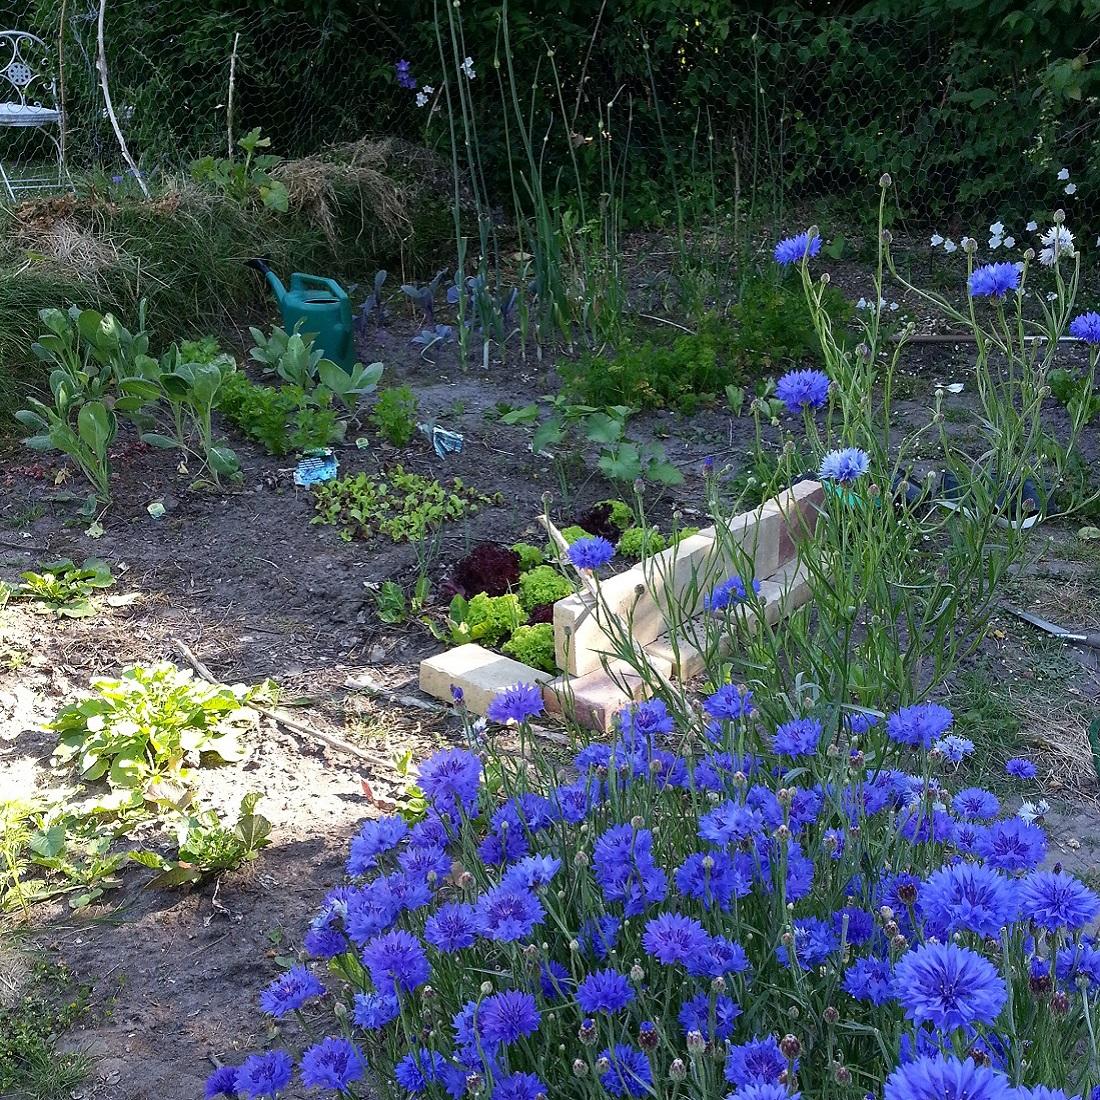 Frühjahr im Permakultur-Garten von The Raw Kitchen - mit Kornblumen (essbar!), Salat und überwintertem Lauch